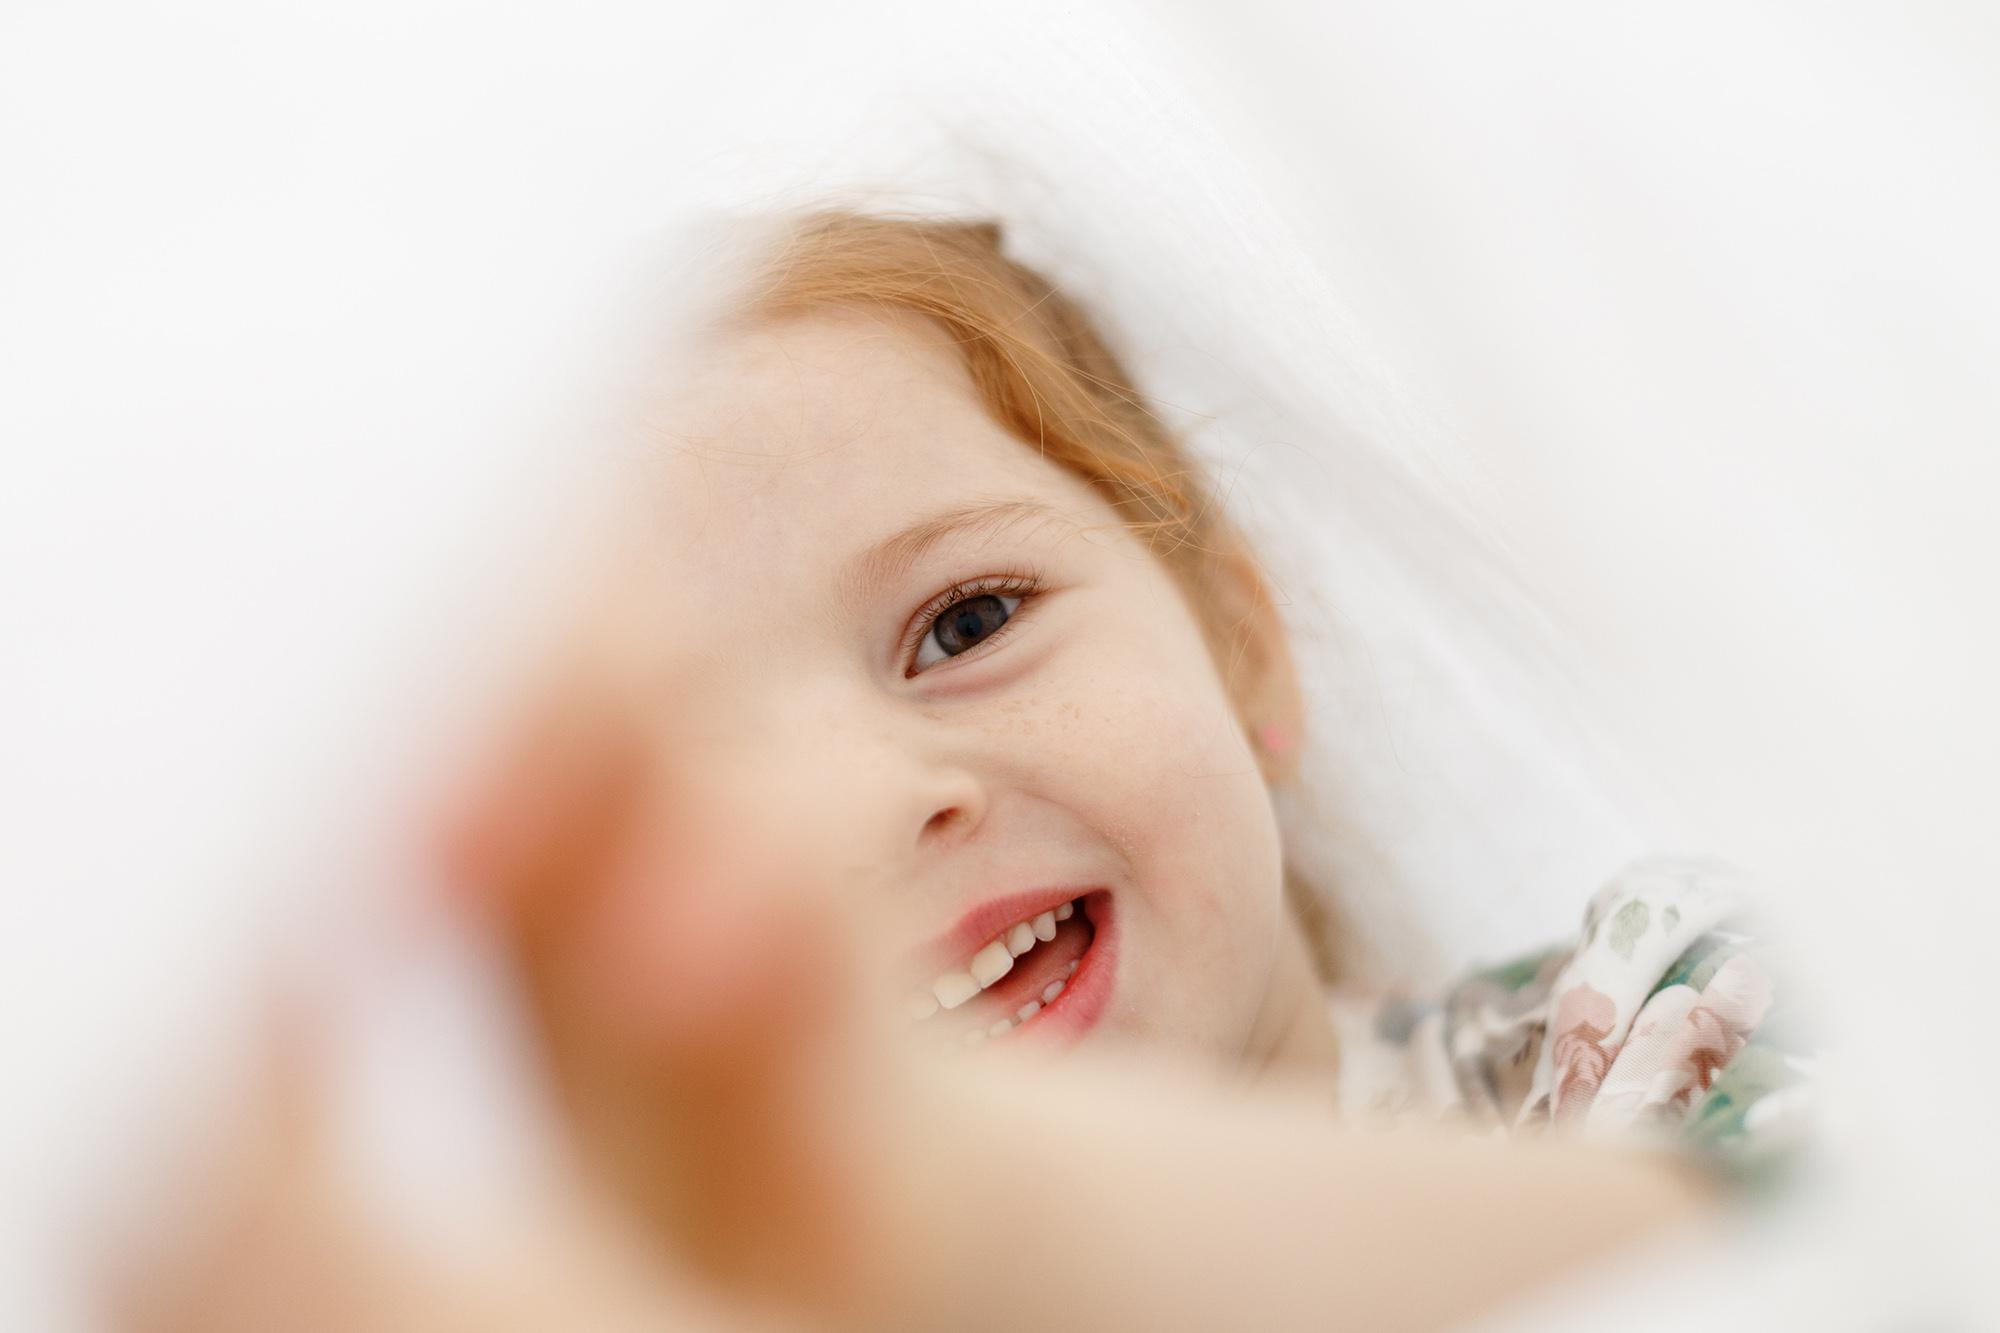 ребенок играет в домике, светлая, нежная фотография, ребенок на фотосессии, ребенок веселится